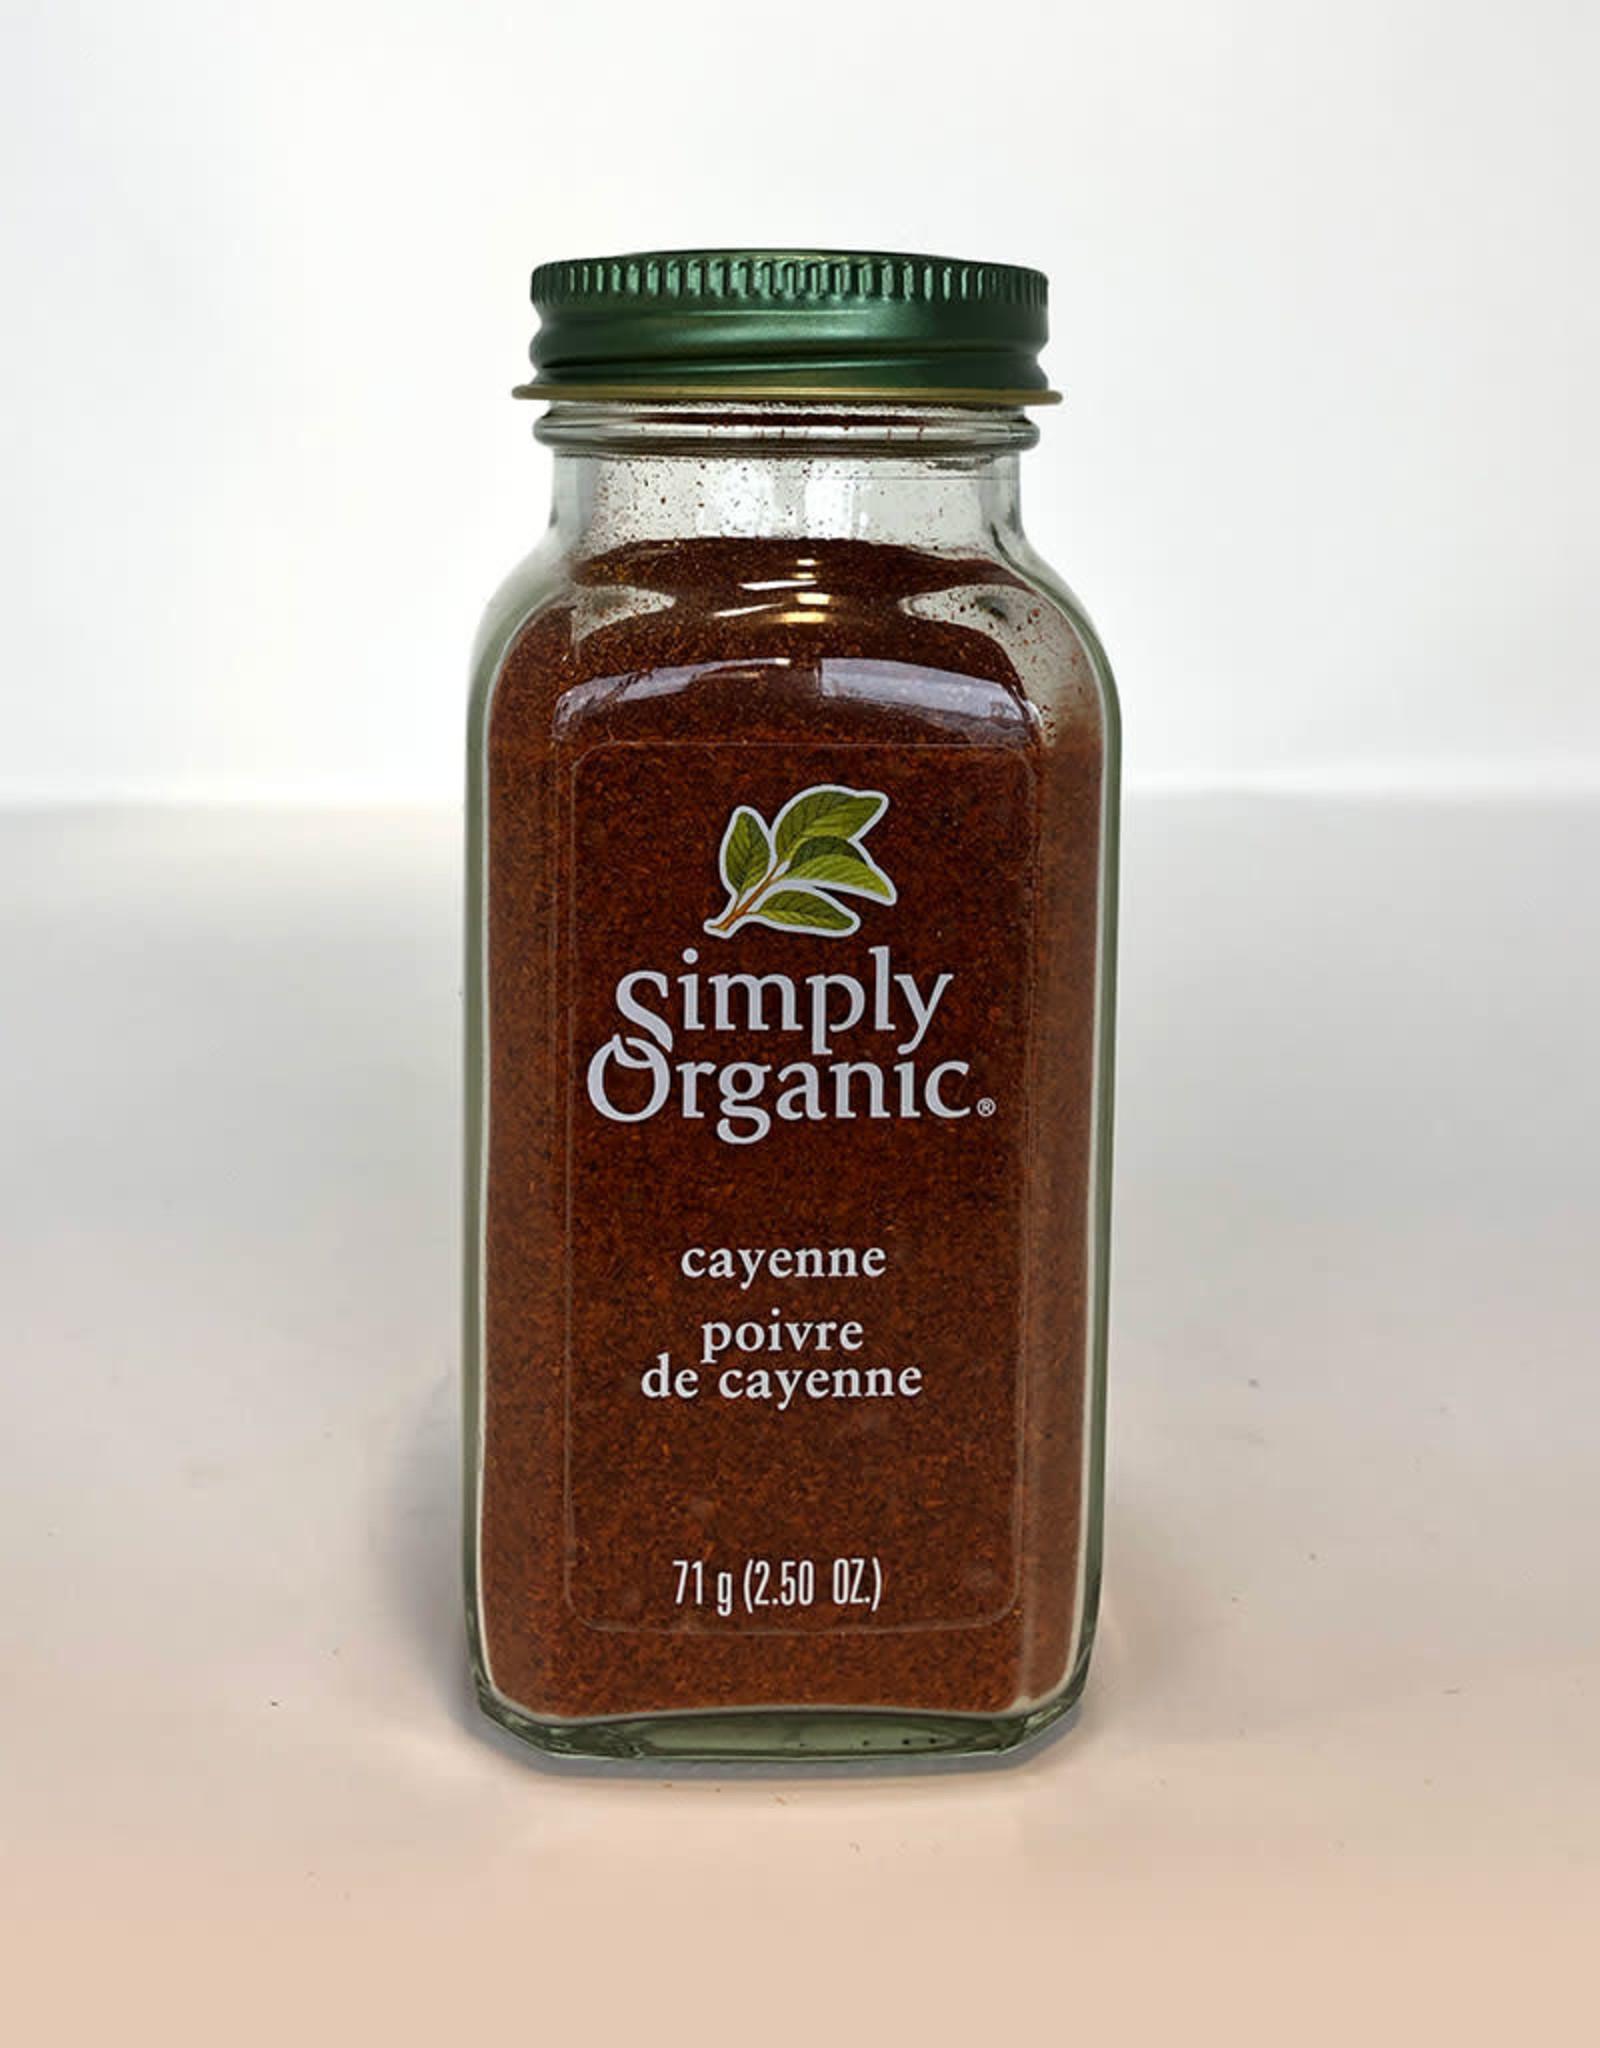 Simply Organic Simply Organic - Épices En Bouteille Bio, Poivre de Cayenne (71g)